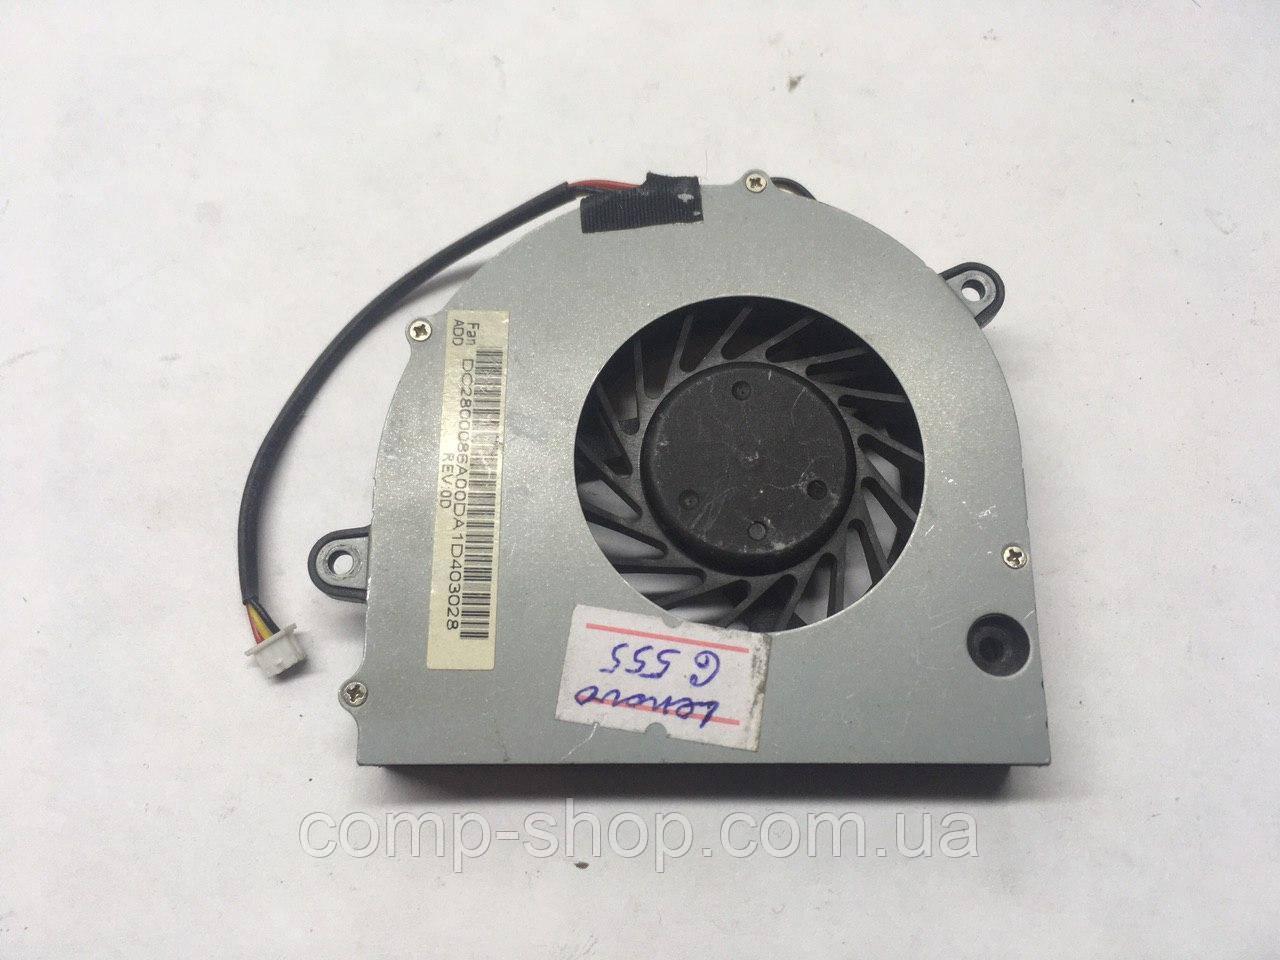 БУ Вентилятор ADDA AB7005MX-ED3 NAWA1 DC5V 0.25A для ноутбука Toshiba (Оригинал)